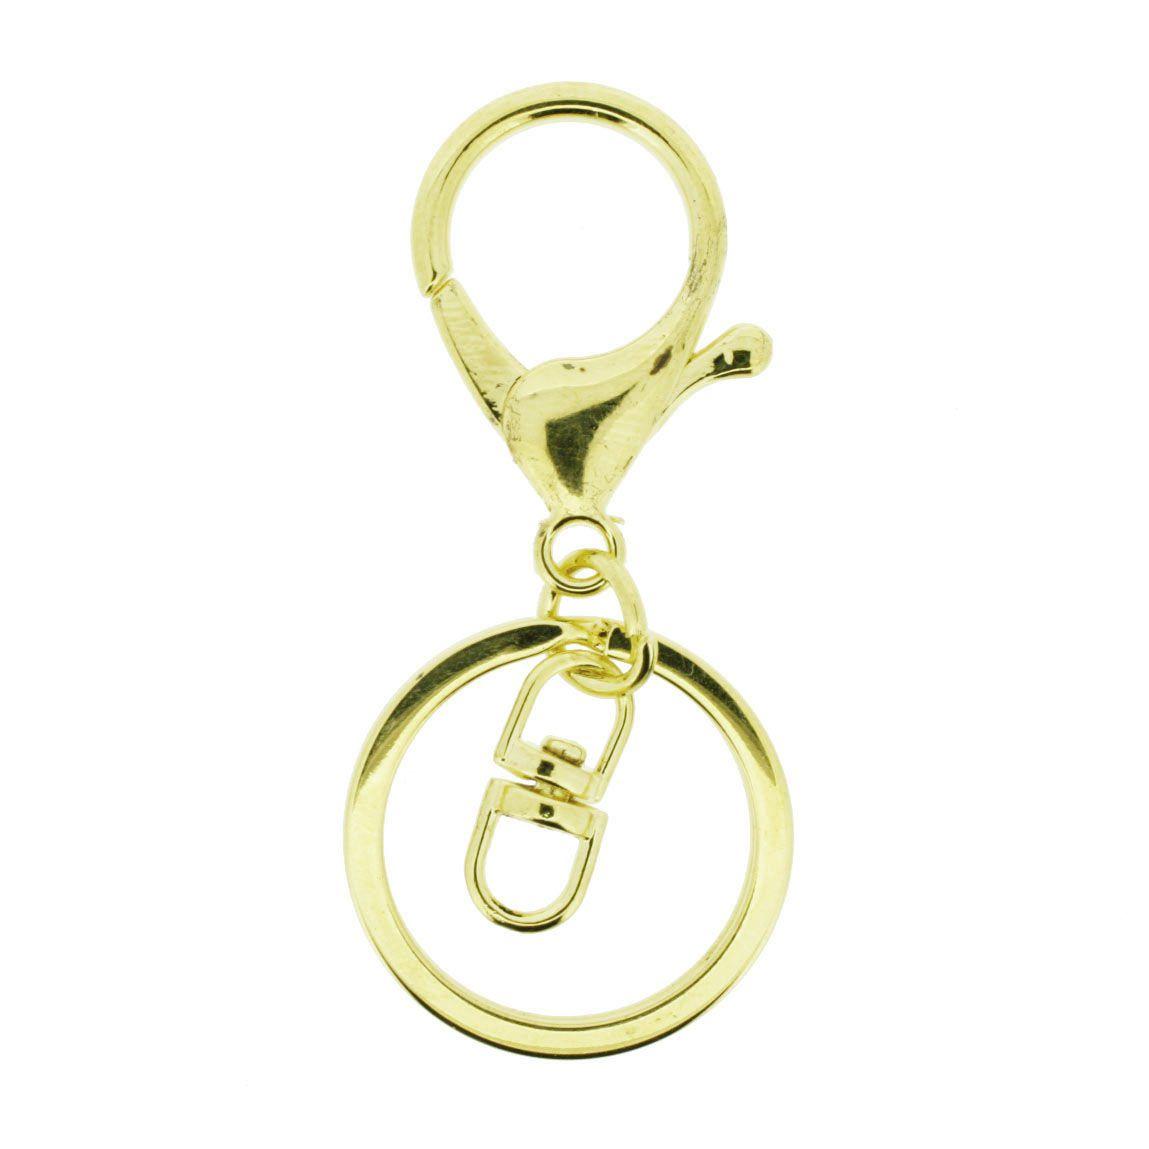 Base para Chaveiro - Dourado  - Stéphanie Bijoux® - Peças para Bijuterias e Artesanato